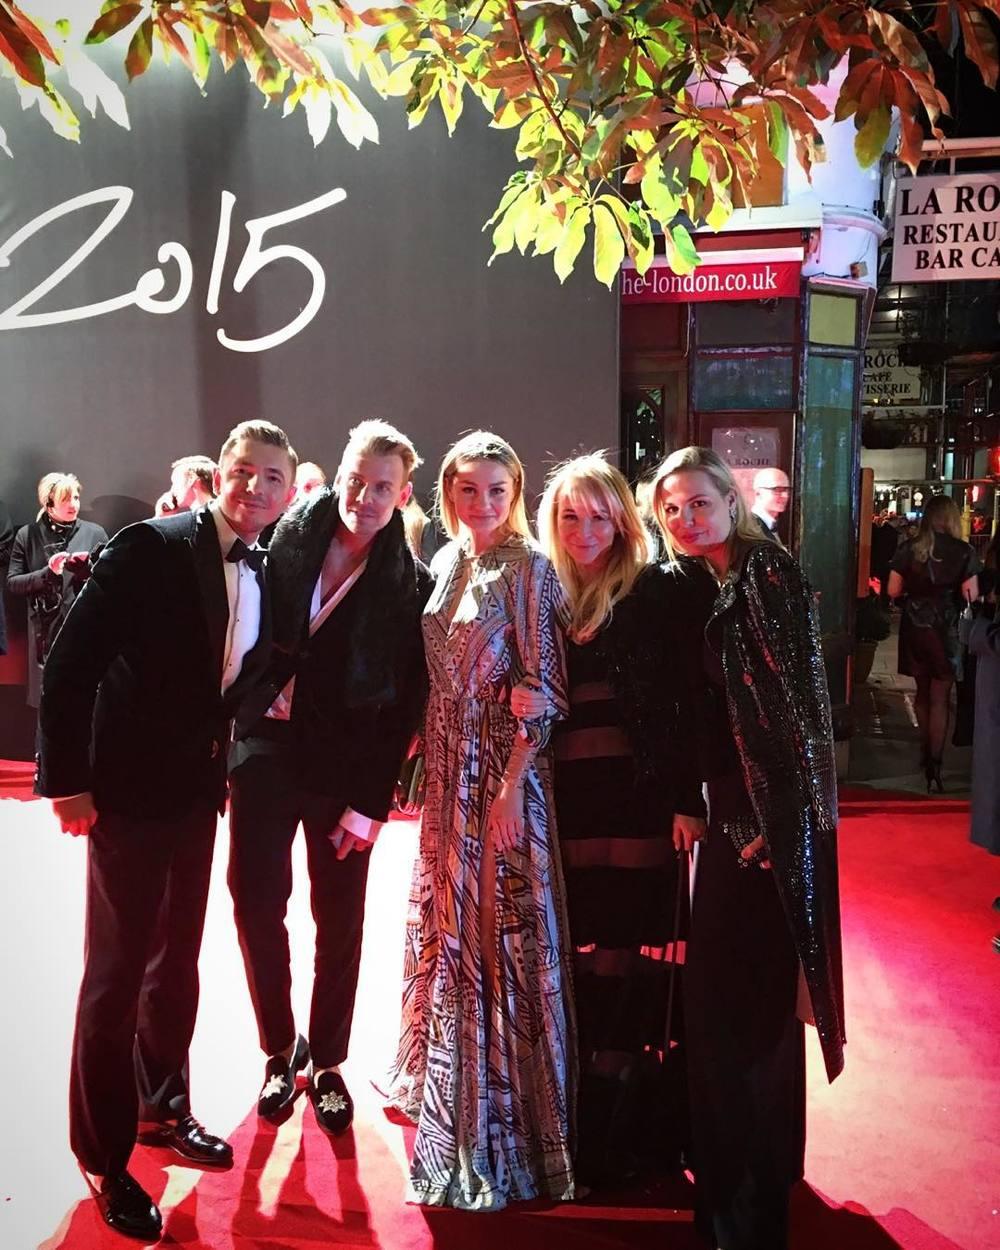 Łukasz Jemioł, Dawid Woliński, Małgorzata Socha, Joanna Przetakiewicz i Bianka Tobińska/Instagram: @joannaprzetakiewicz